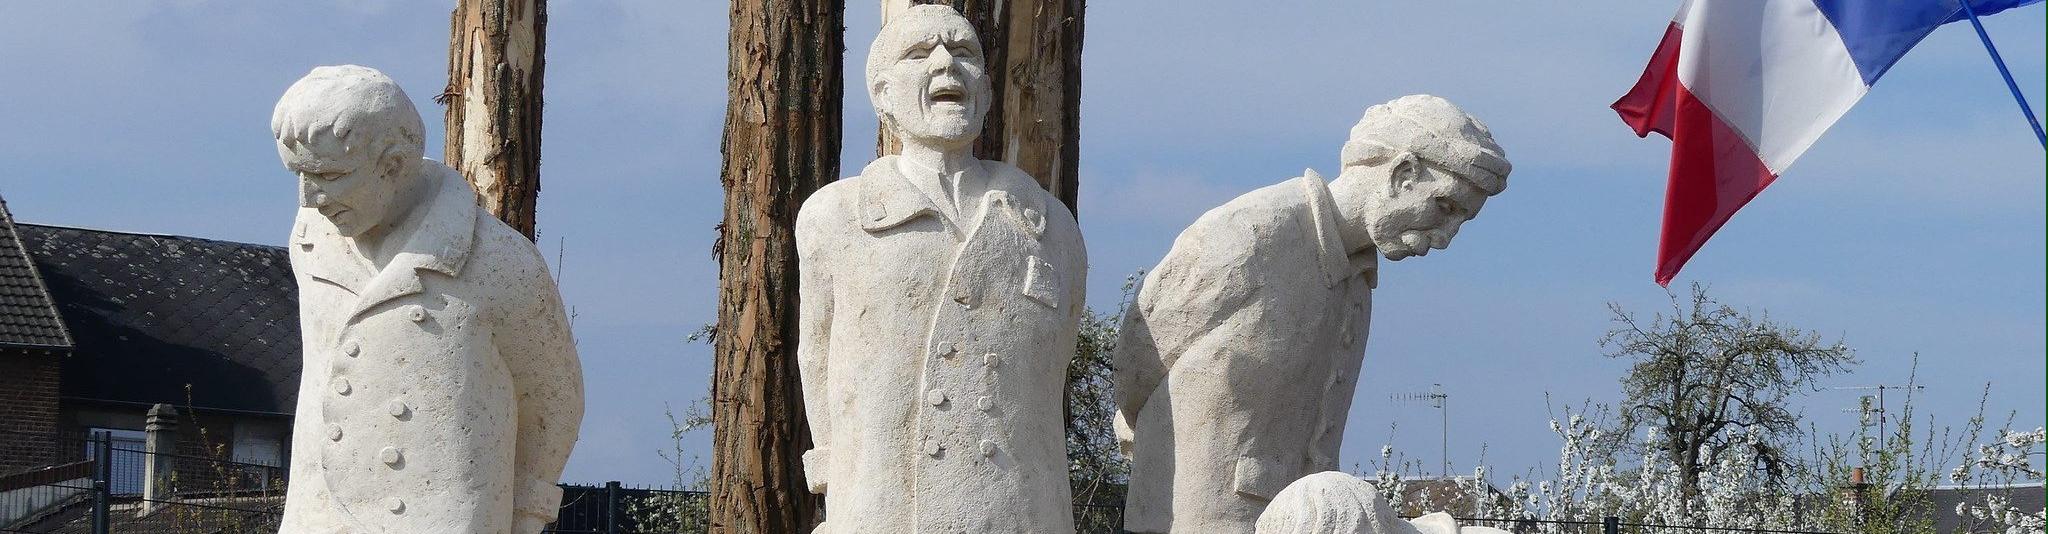 Monument aux fusillés pour l'exemple (Chauny - Aisne)